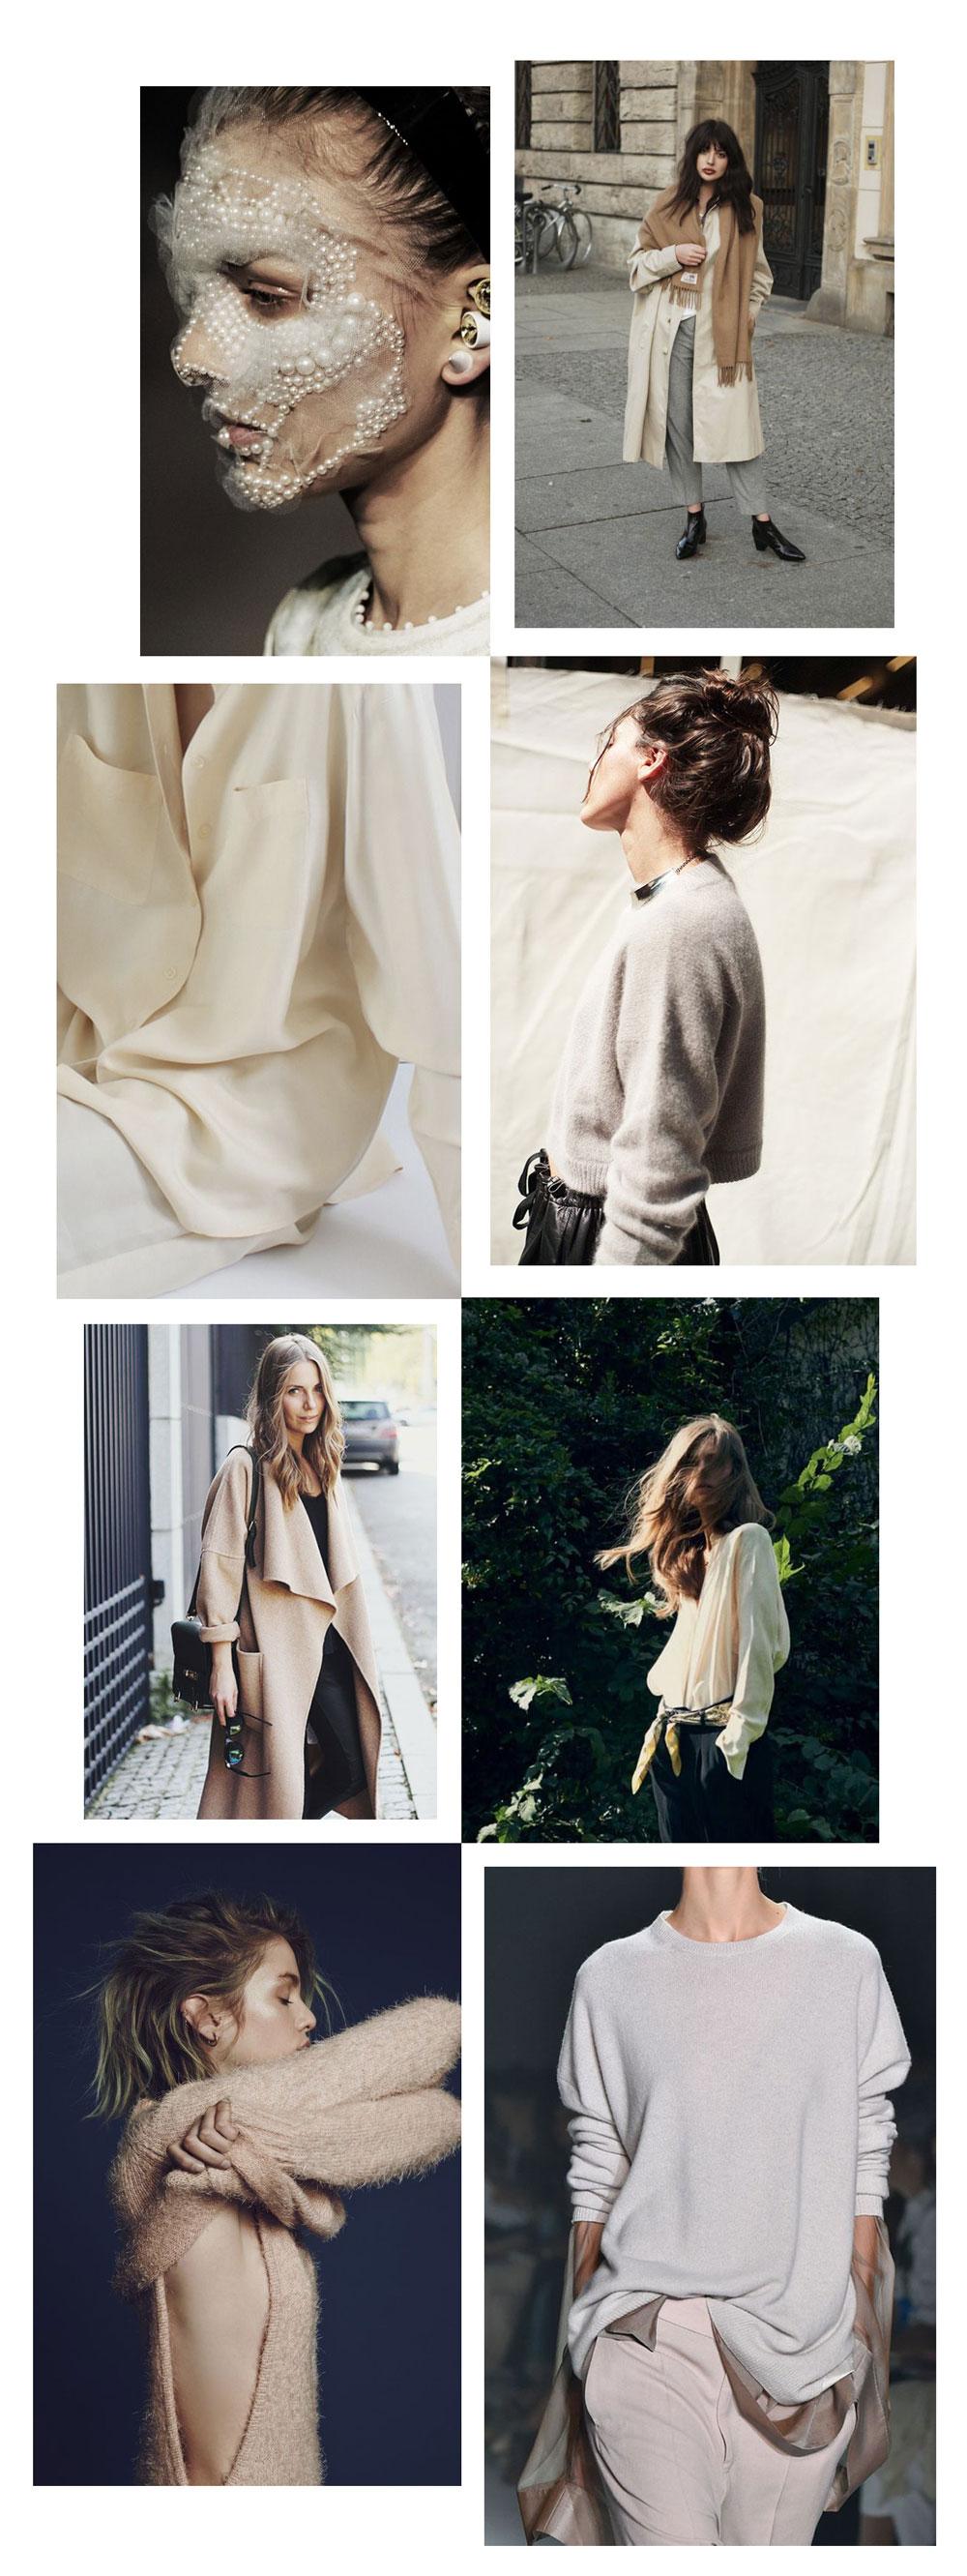 spring-wardrobe_inspiration-styling_madebynoemi